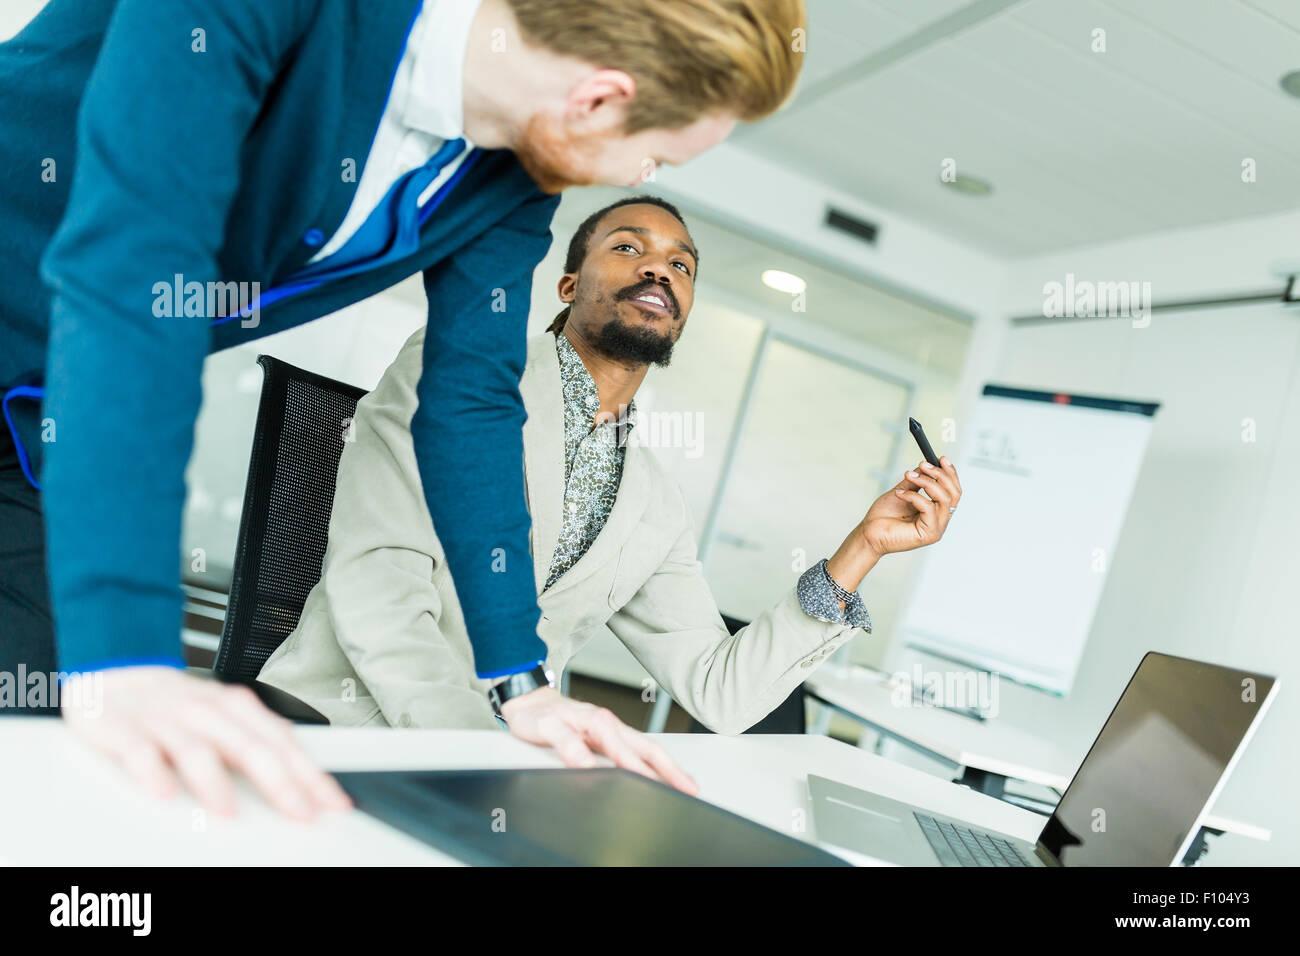 Un nero giovane con dreadlocks e un giovane bello dai capelli rossi imprenditore a discutere di grafica difetti Immagini Stock